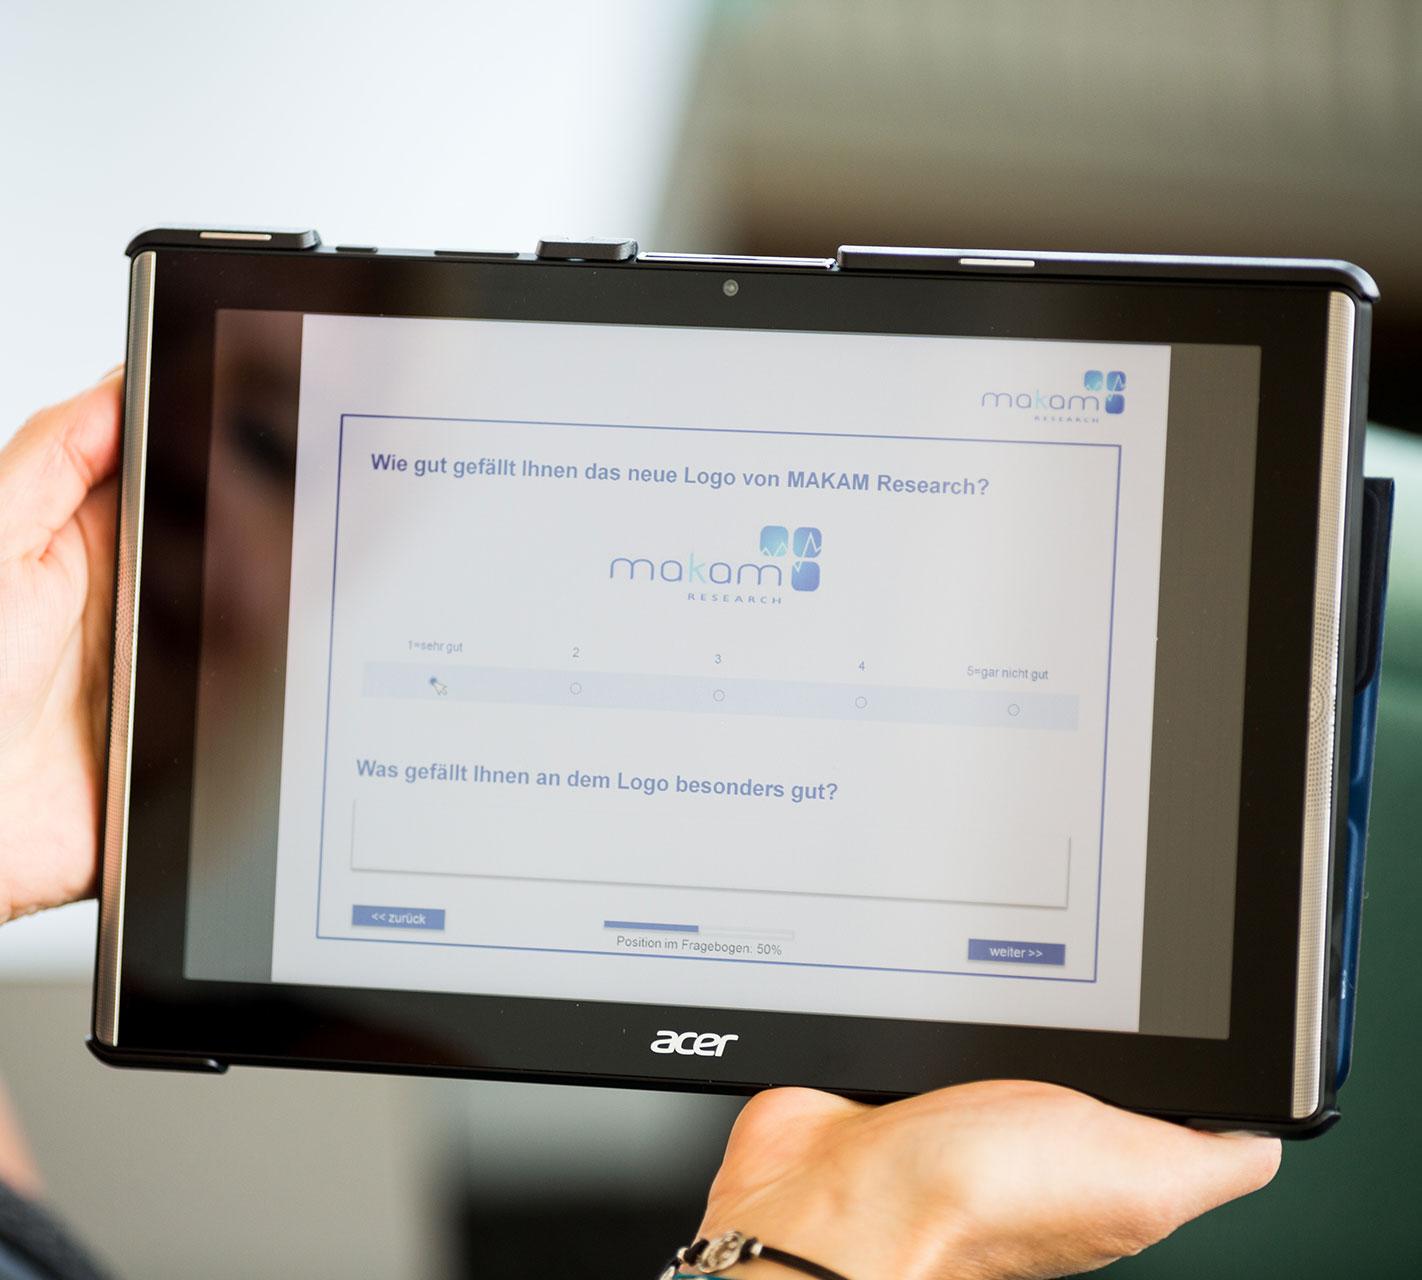 16 hochwertige Tablets mit internetunabhängiger CAPI-Software, Full-HD-Display und Front-Lautsprechern für optimalen Sound